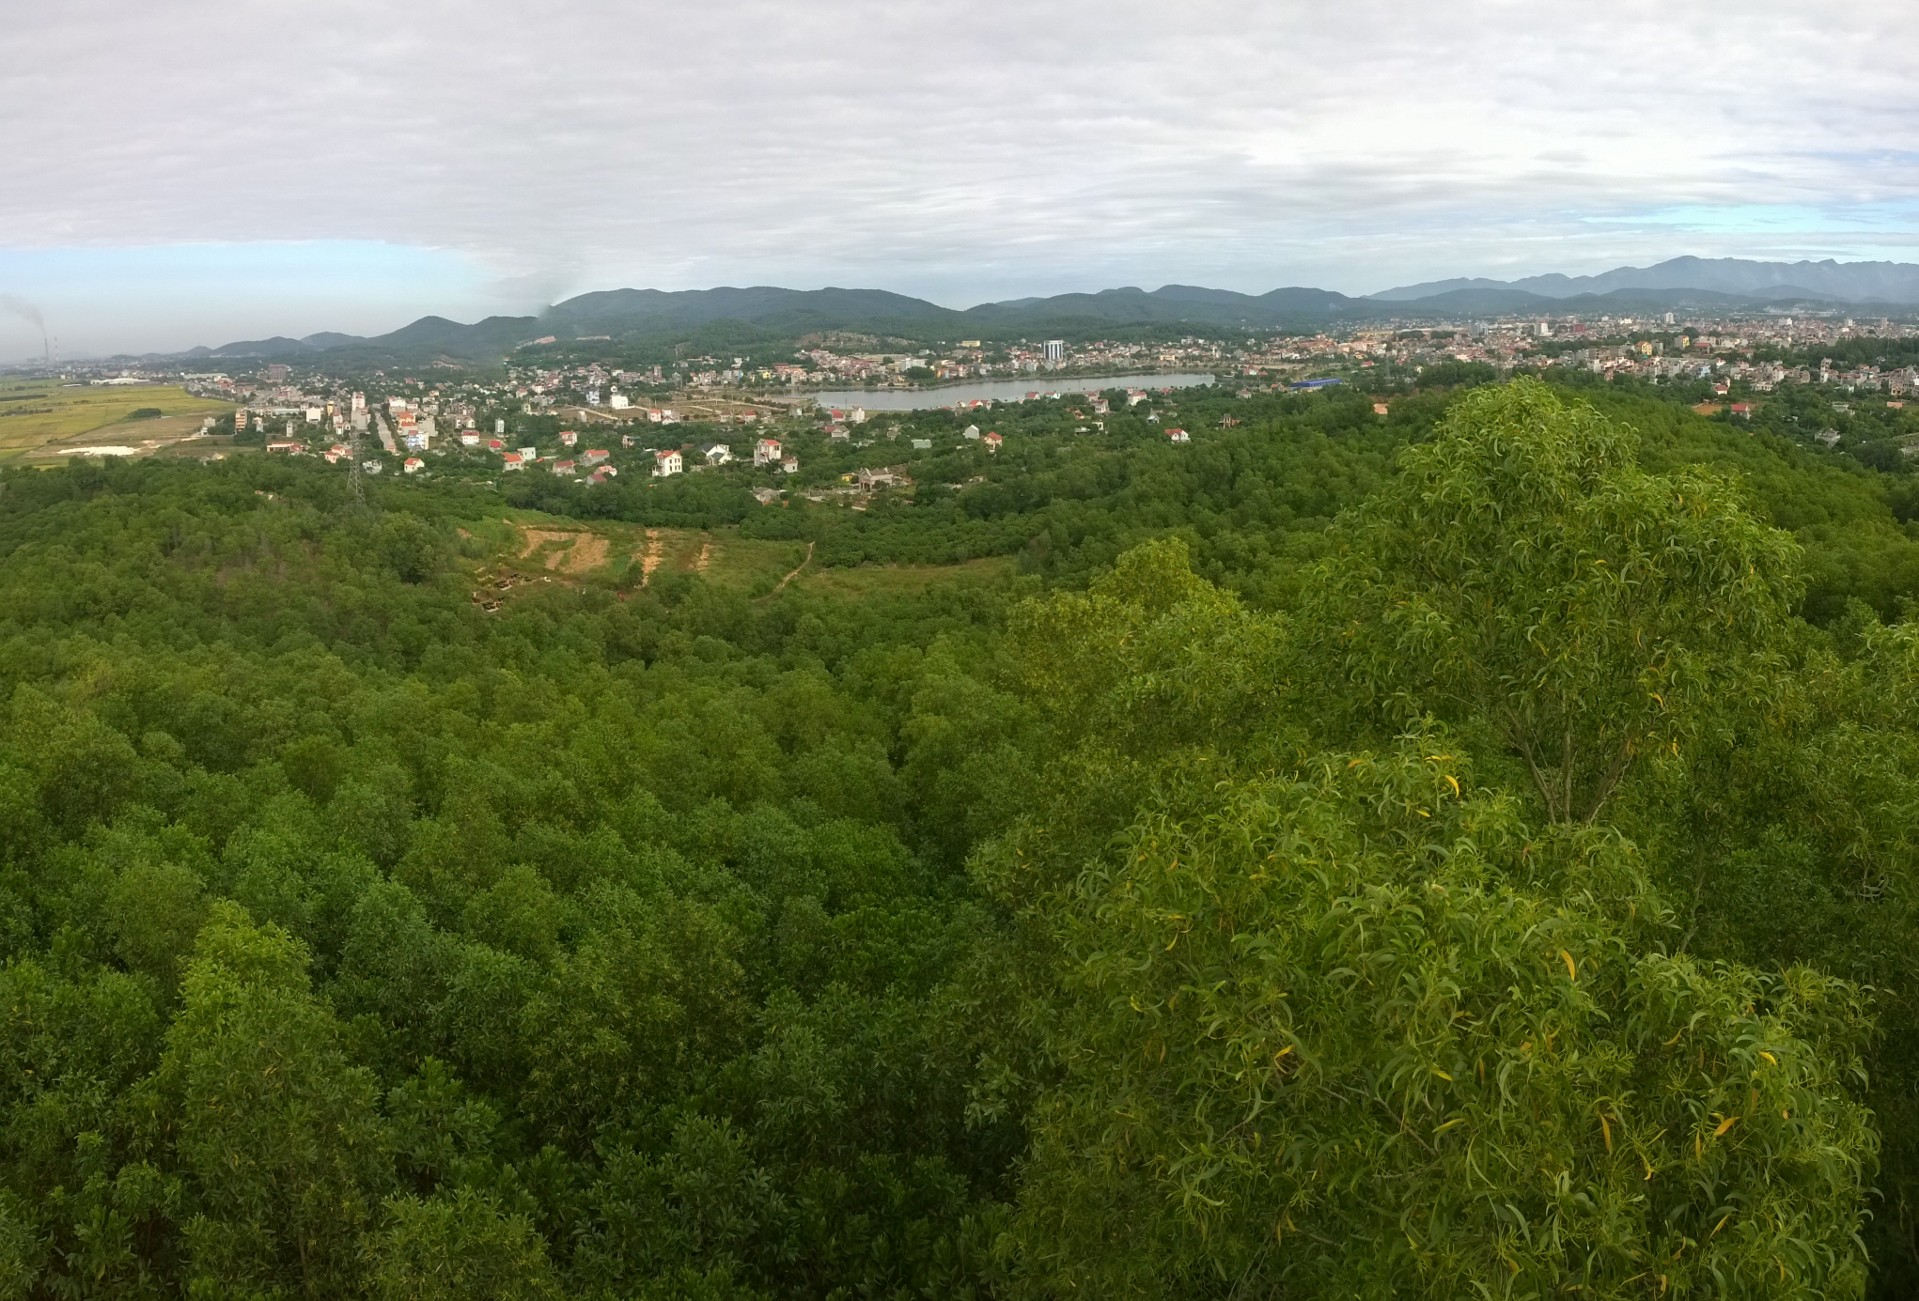 WP_20161020_08_21_03_Panorama.